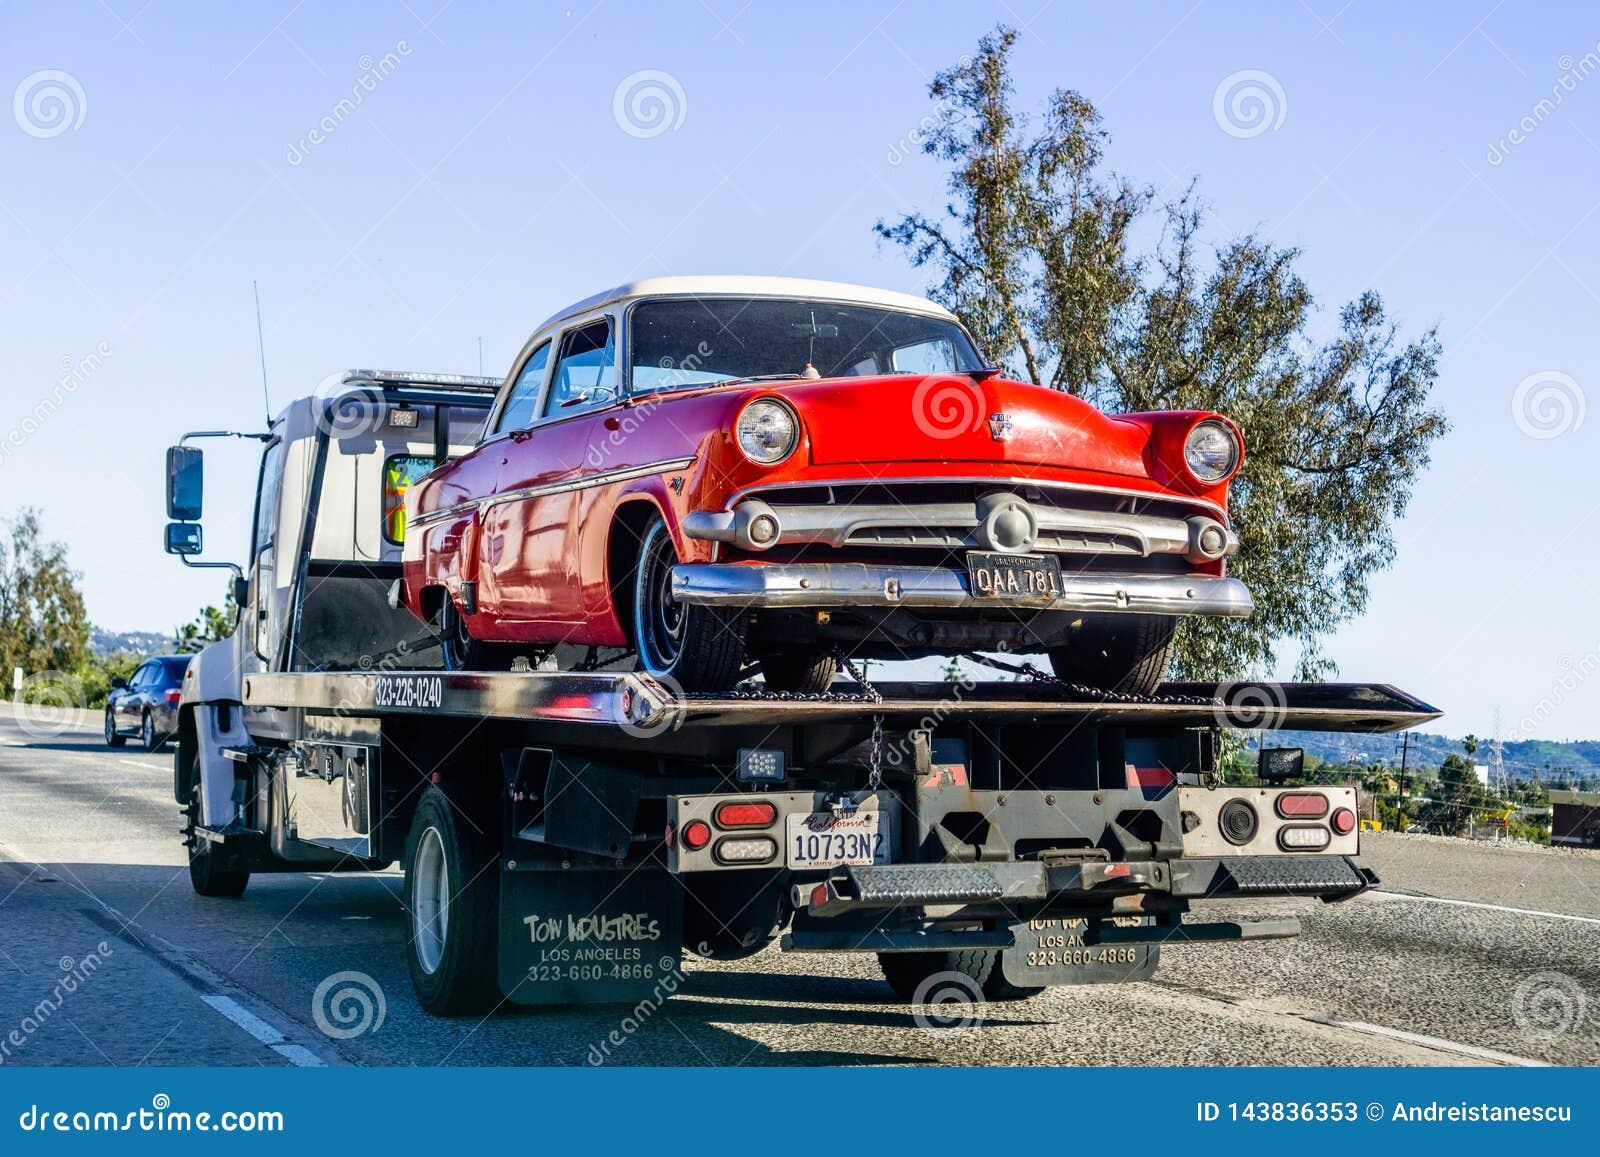 16 Μαρτίου 2019 Λος Άντζελες/ασβέστιο/ΗΠΑ - φορτηγό που φέρνει ένα εκλεκτής ποιότητας αυτοκίνητο της Ford στην εθνική οδό